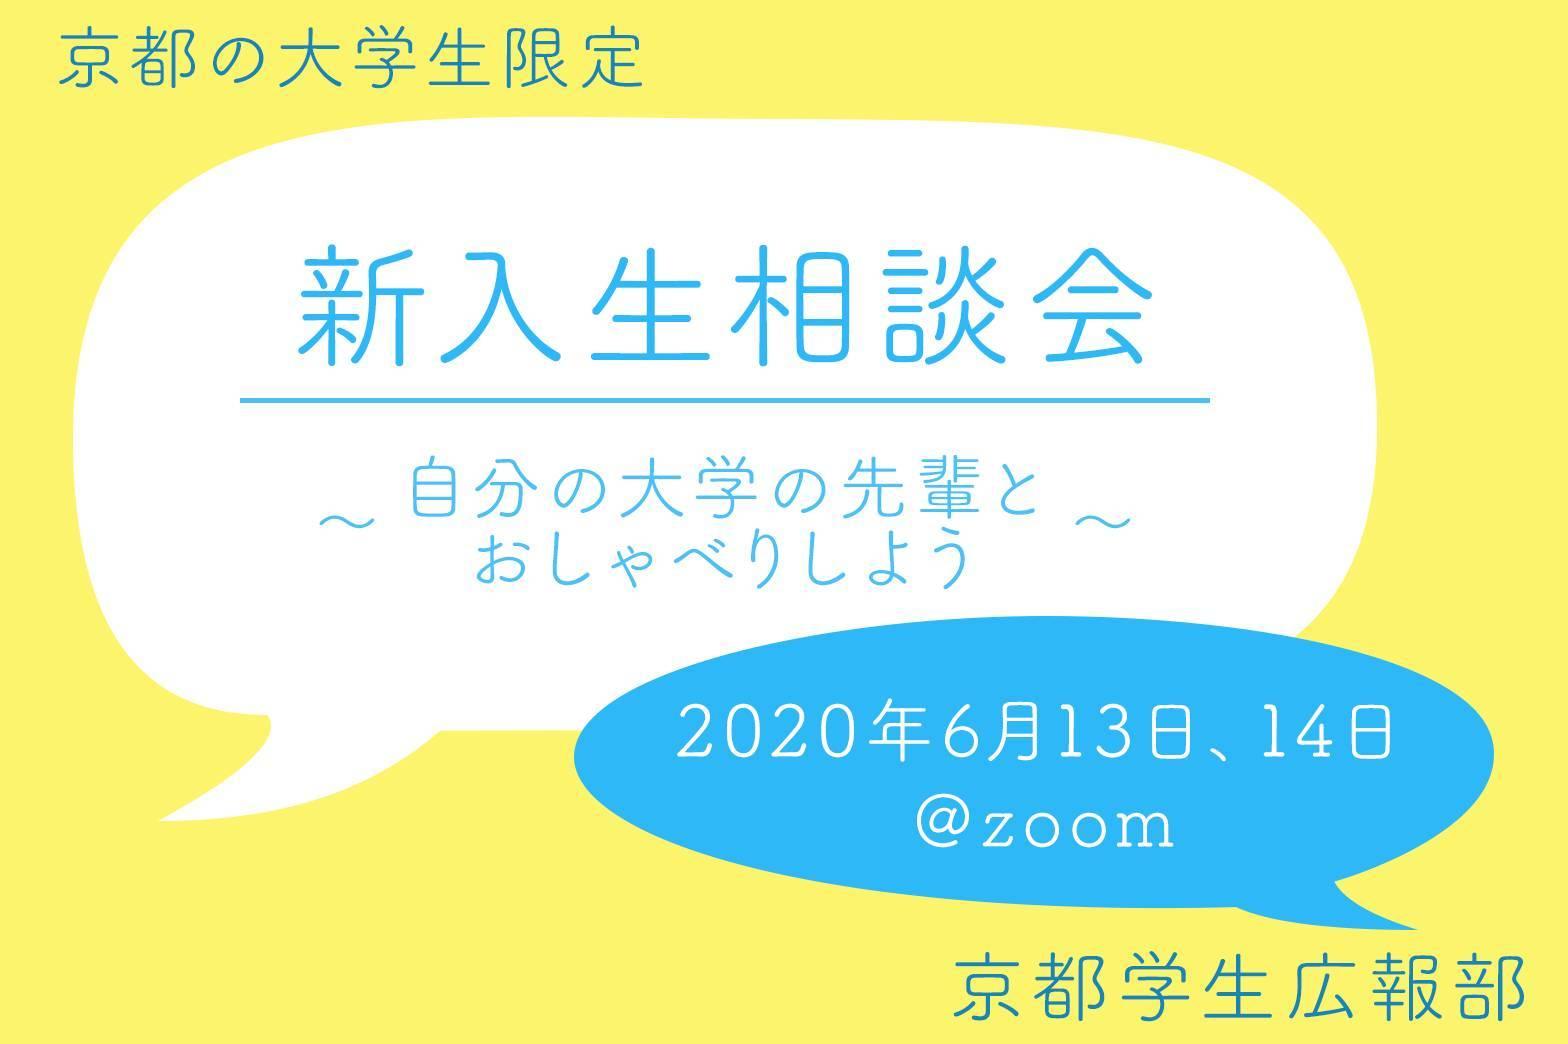 【京都の大学生限定/参加費無料】新入生相談会のお知らせ